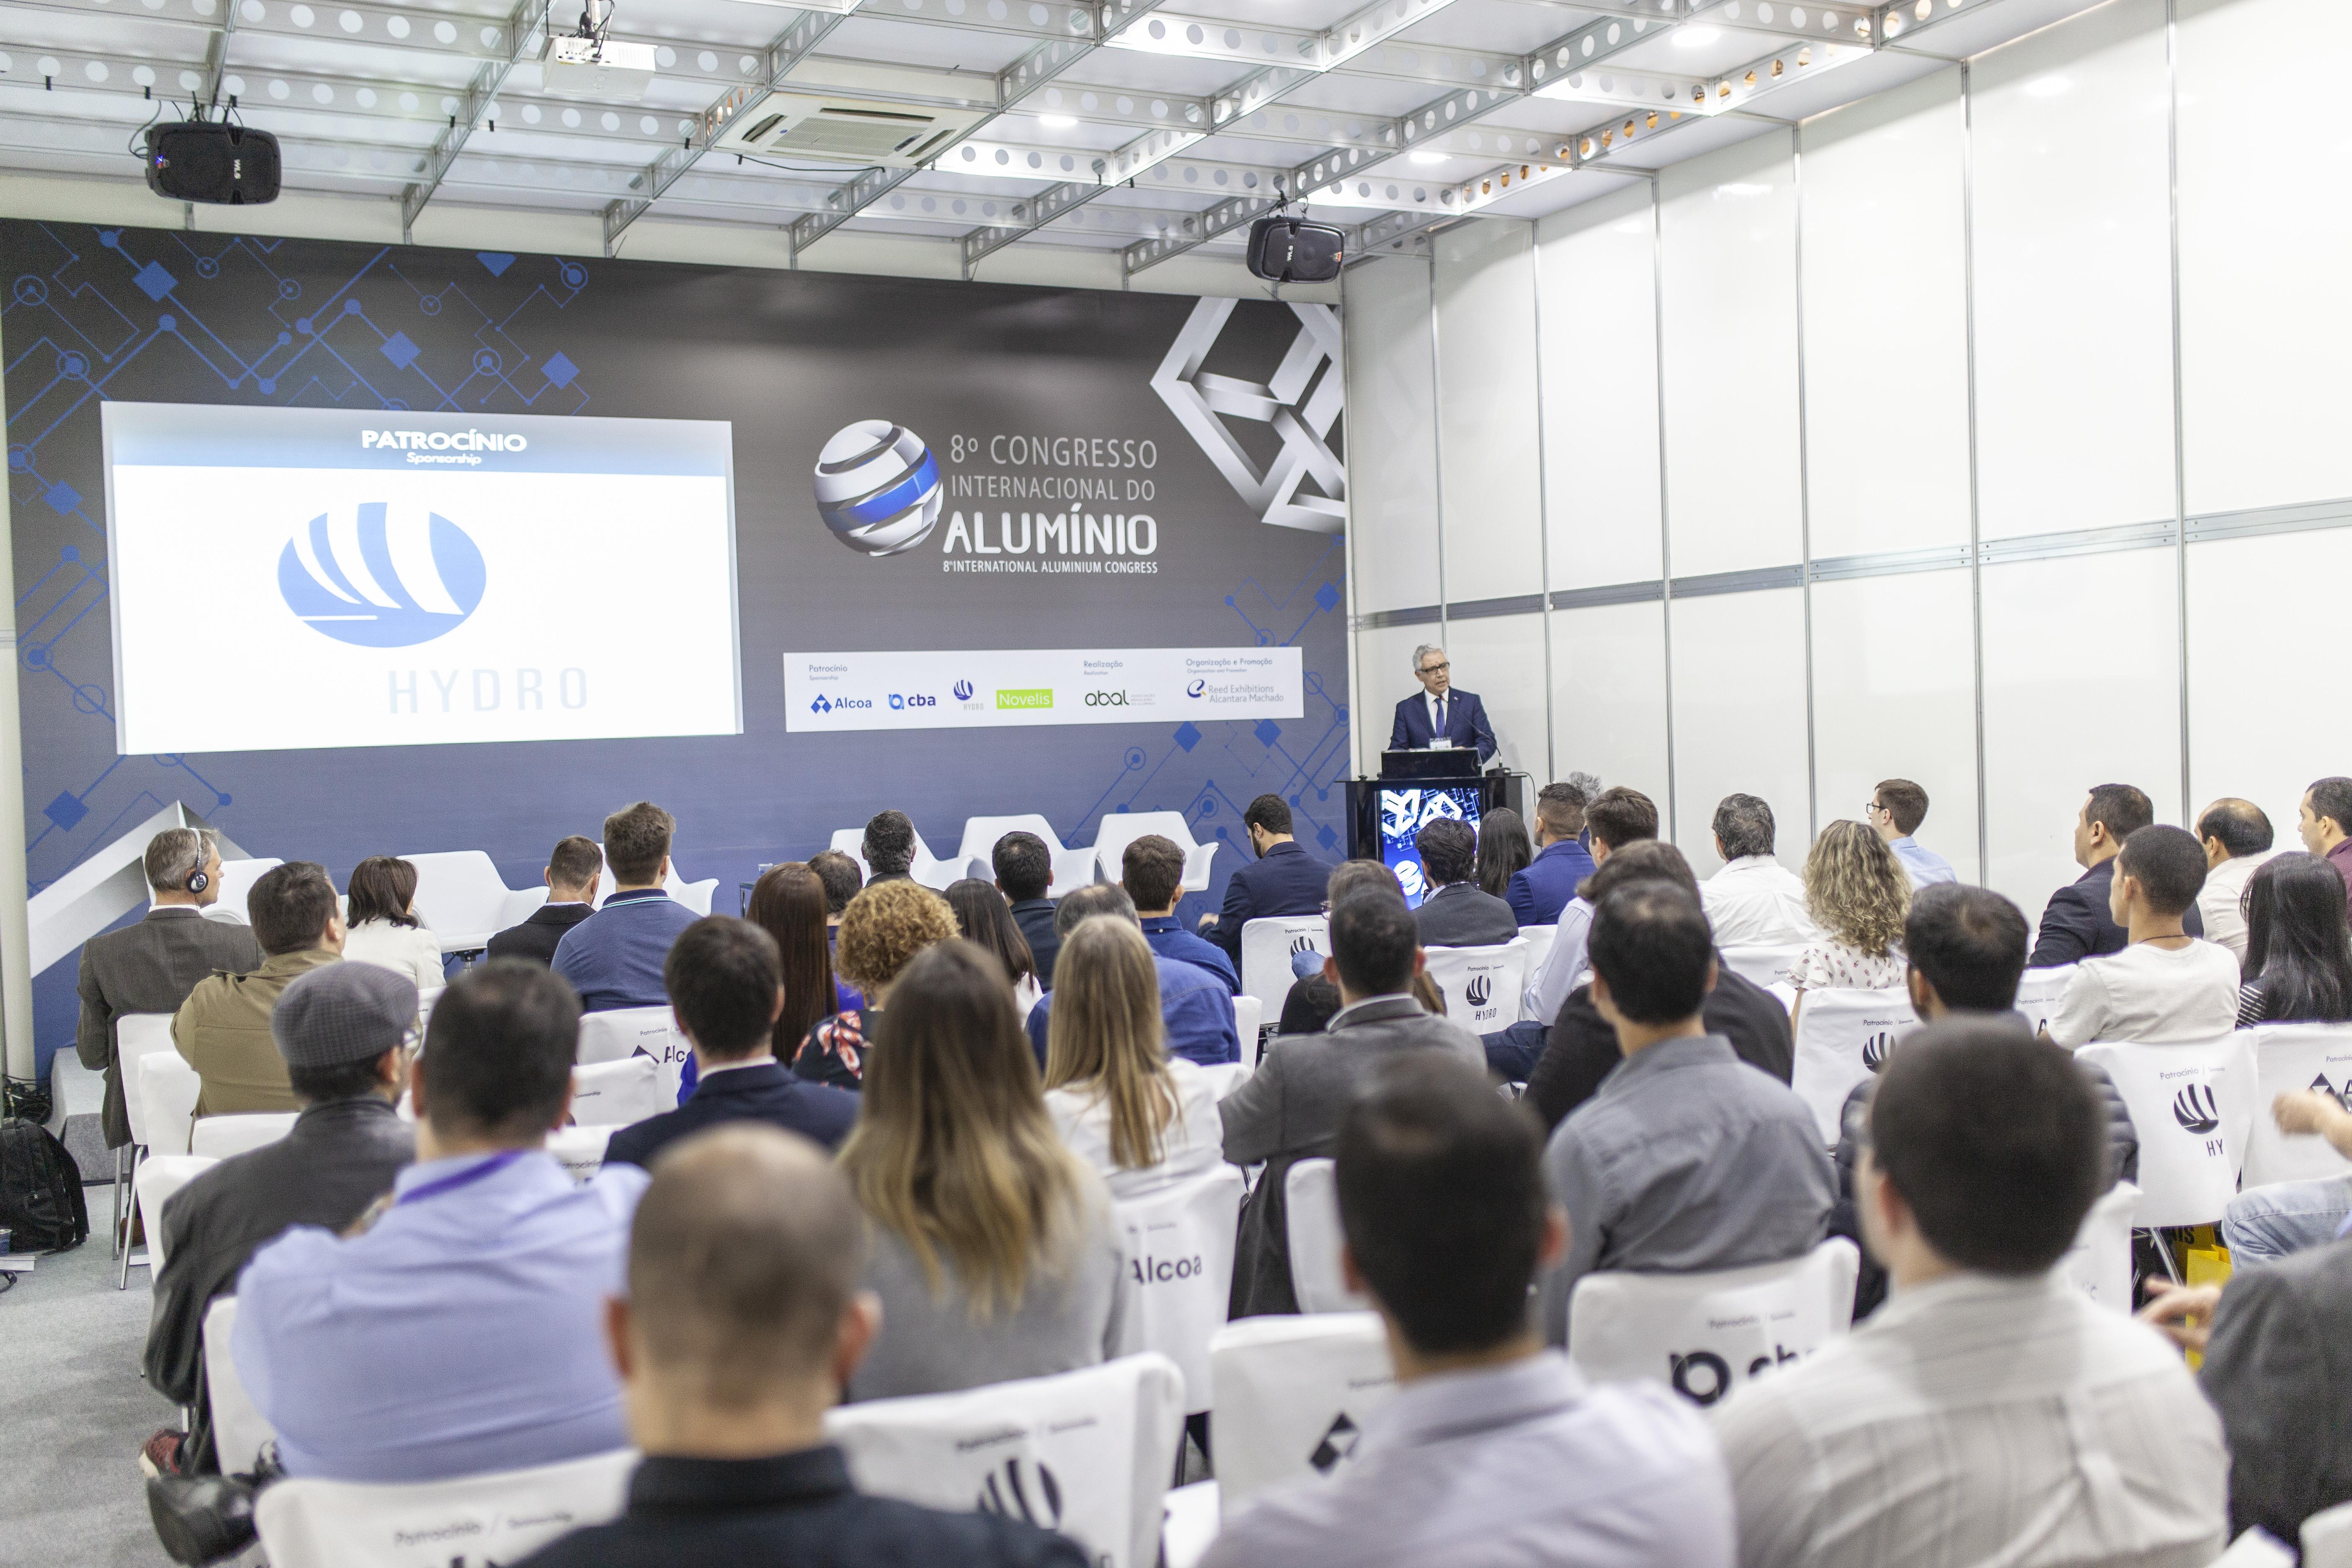 Saiba como a ExpoAluminio ajudará a expandir seus negócios em 2020